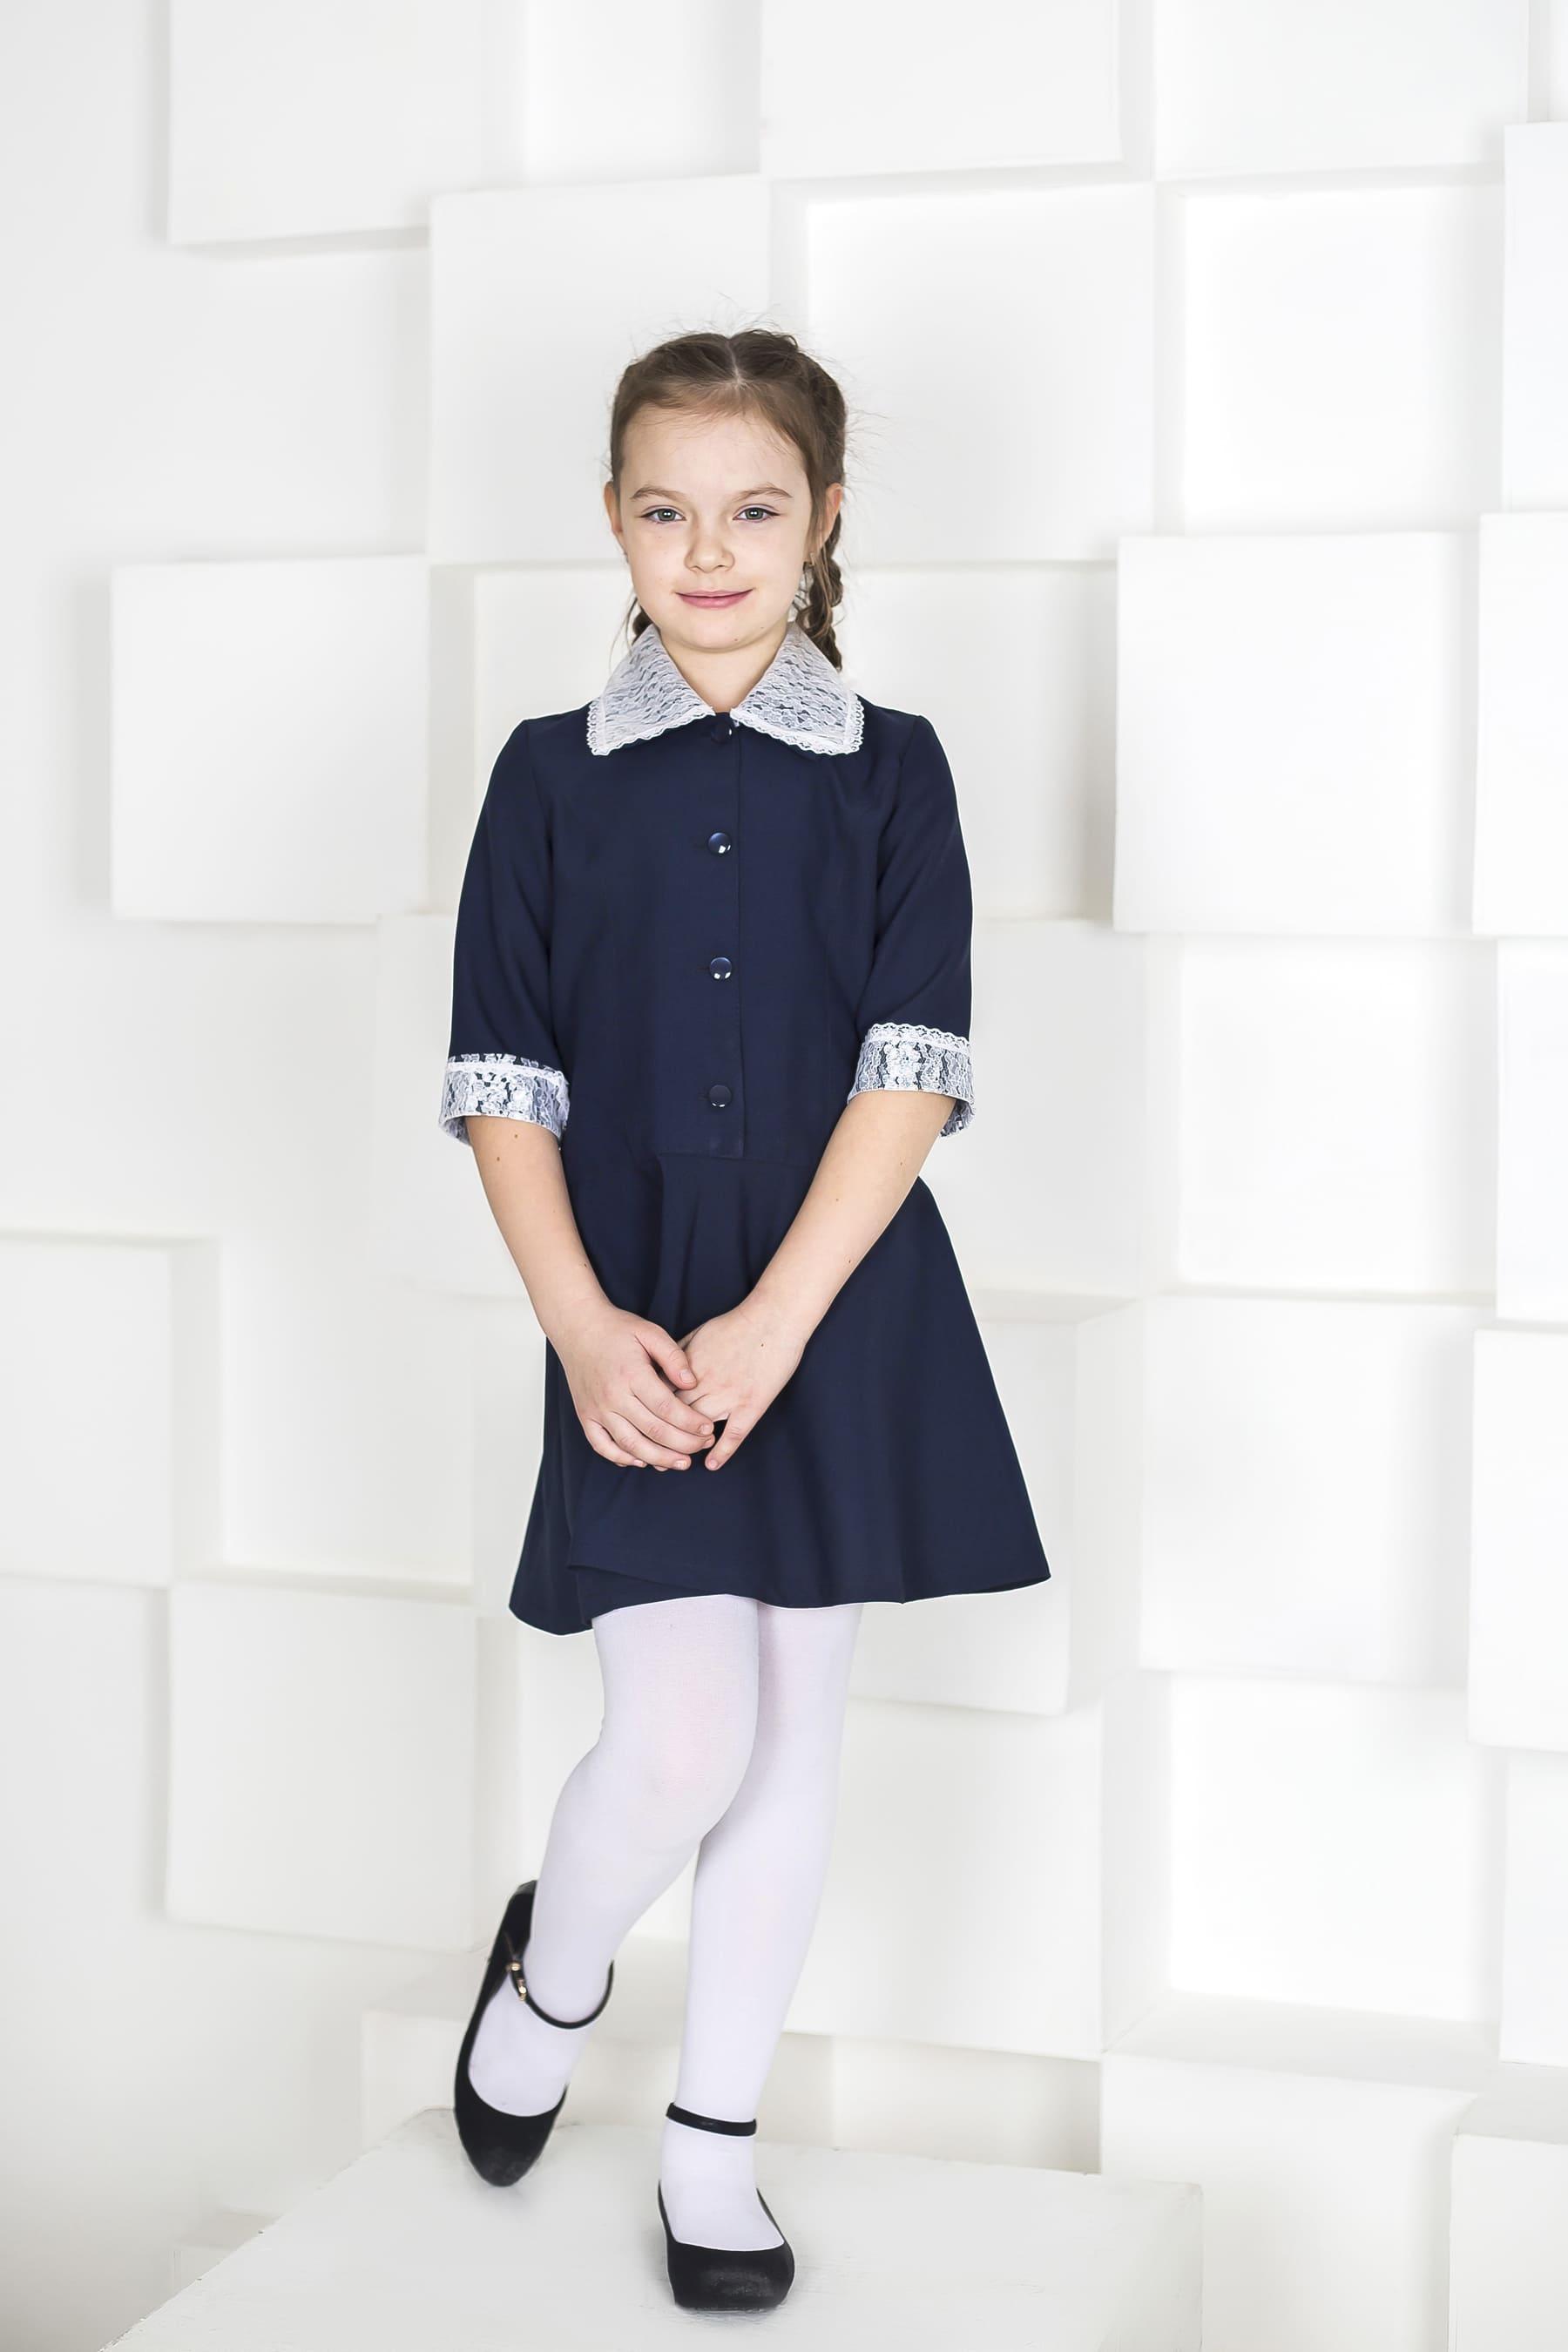 Платье школьное с пуговицами для девочки (пикачу) в Челябинске, Магнитогорске, Учалах, Уфе, Белорецке.